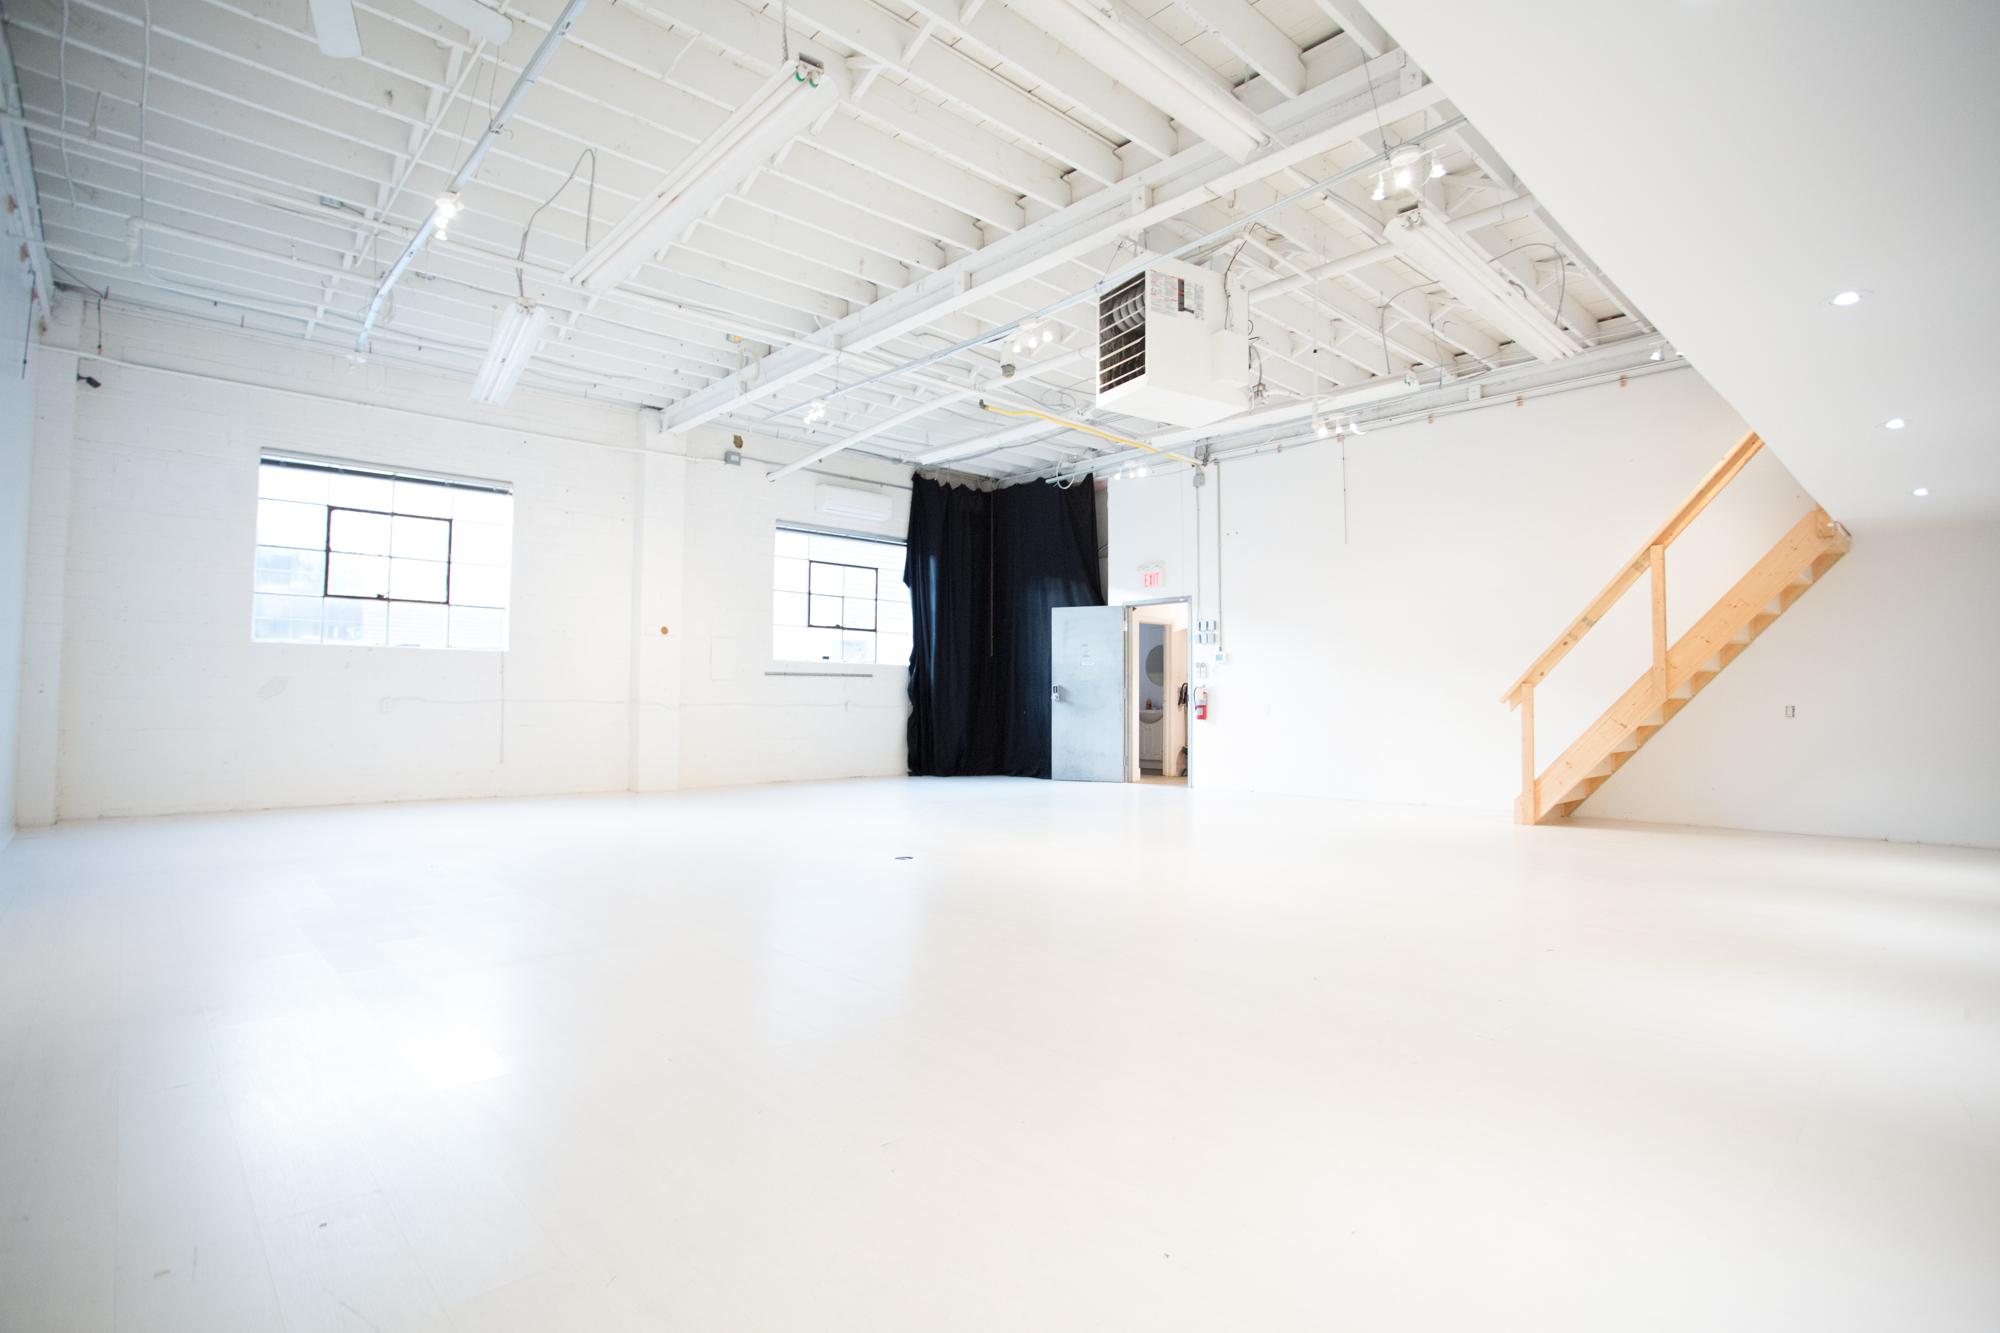 Studio 1 @ The Production Studio